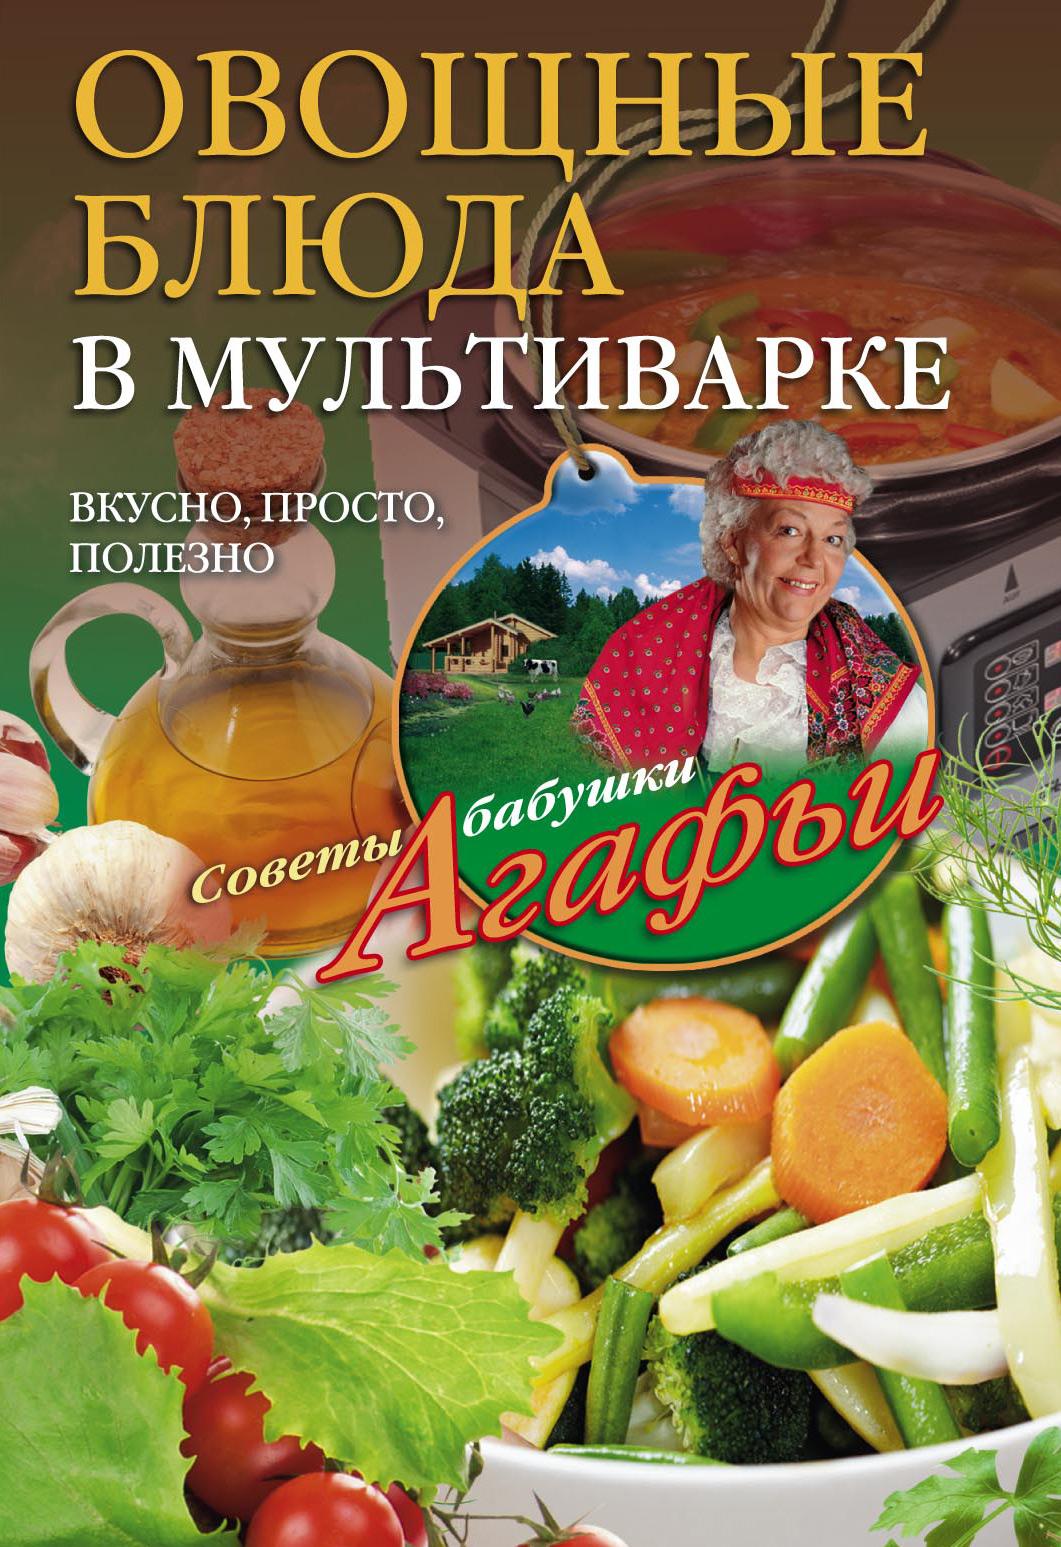 Агафья Звонарева Овощные блюда в мультиварке. Вкусно, просто, полезно